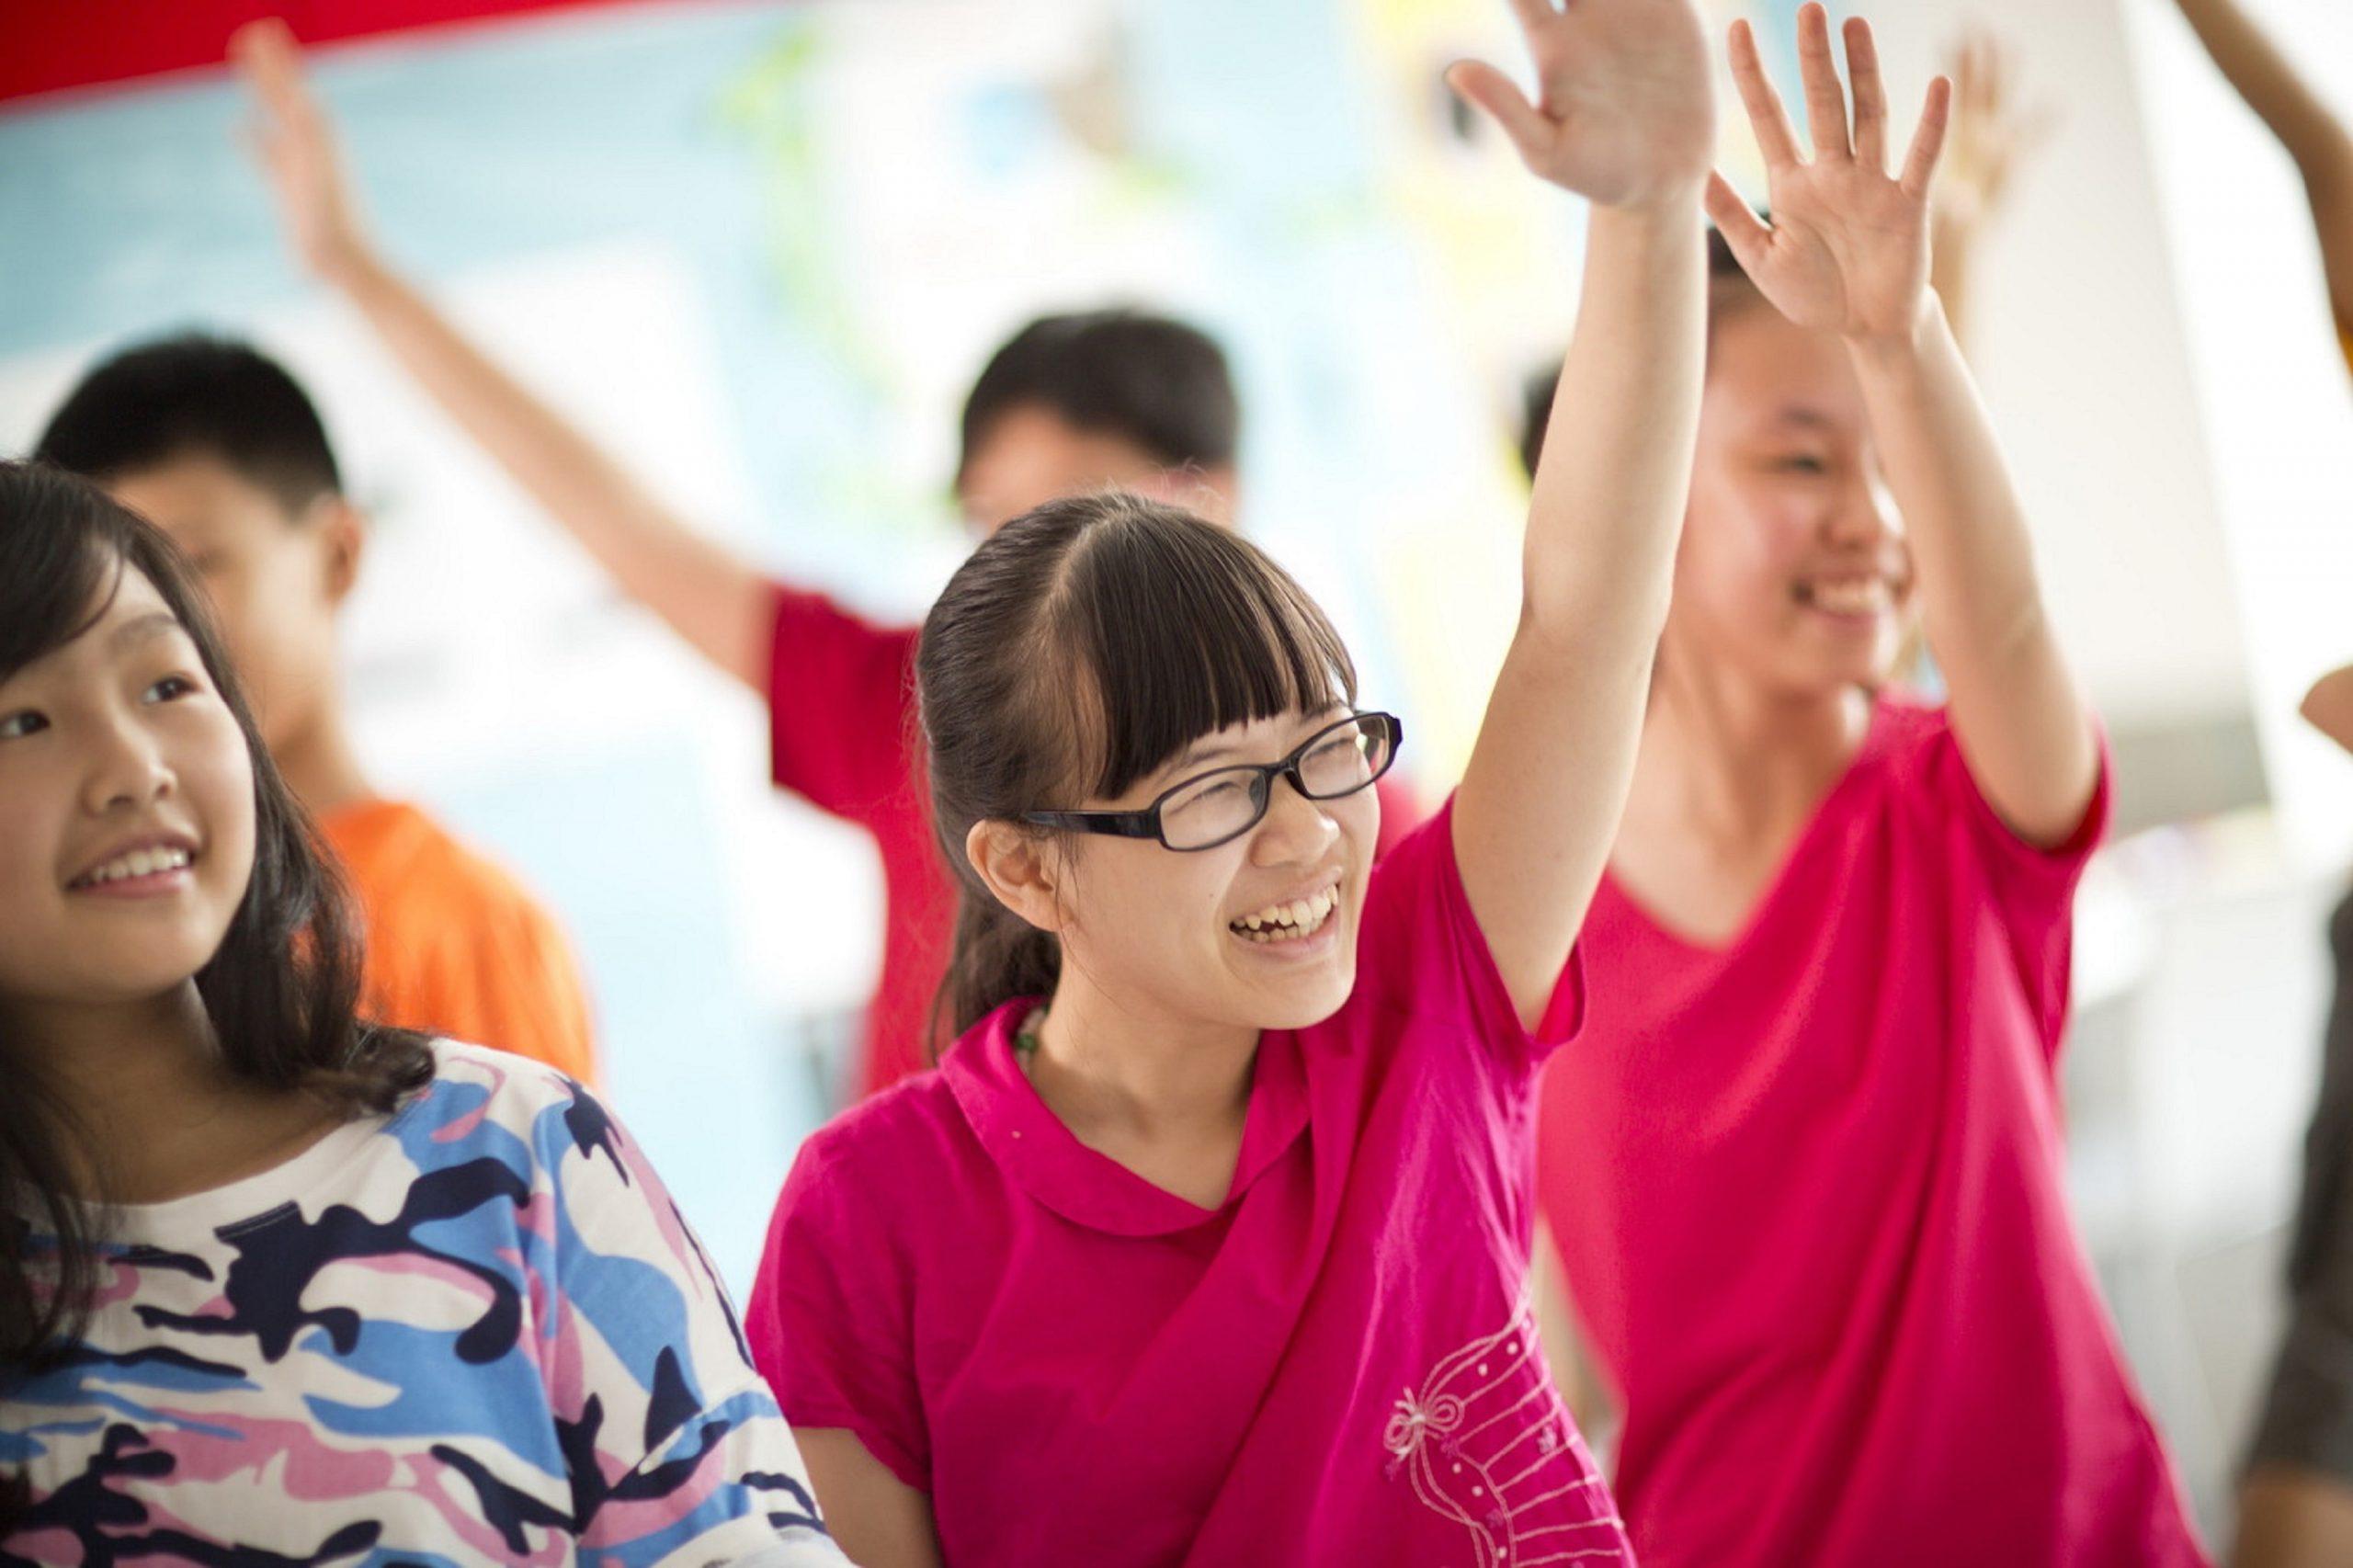 5 เทคนิคทำอย่างไร? ถึงจะทำให้ เด็กมีความกล้า และมั่นใจในตนเอง